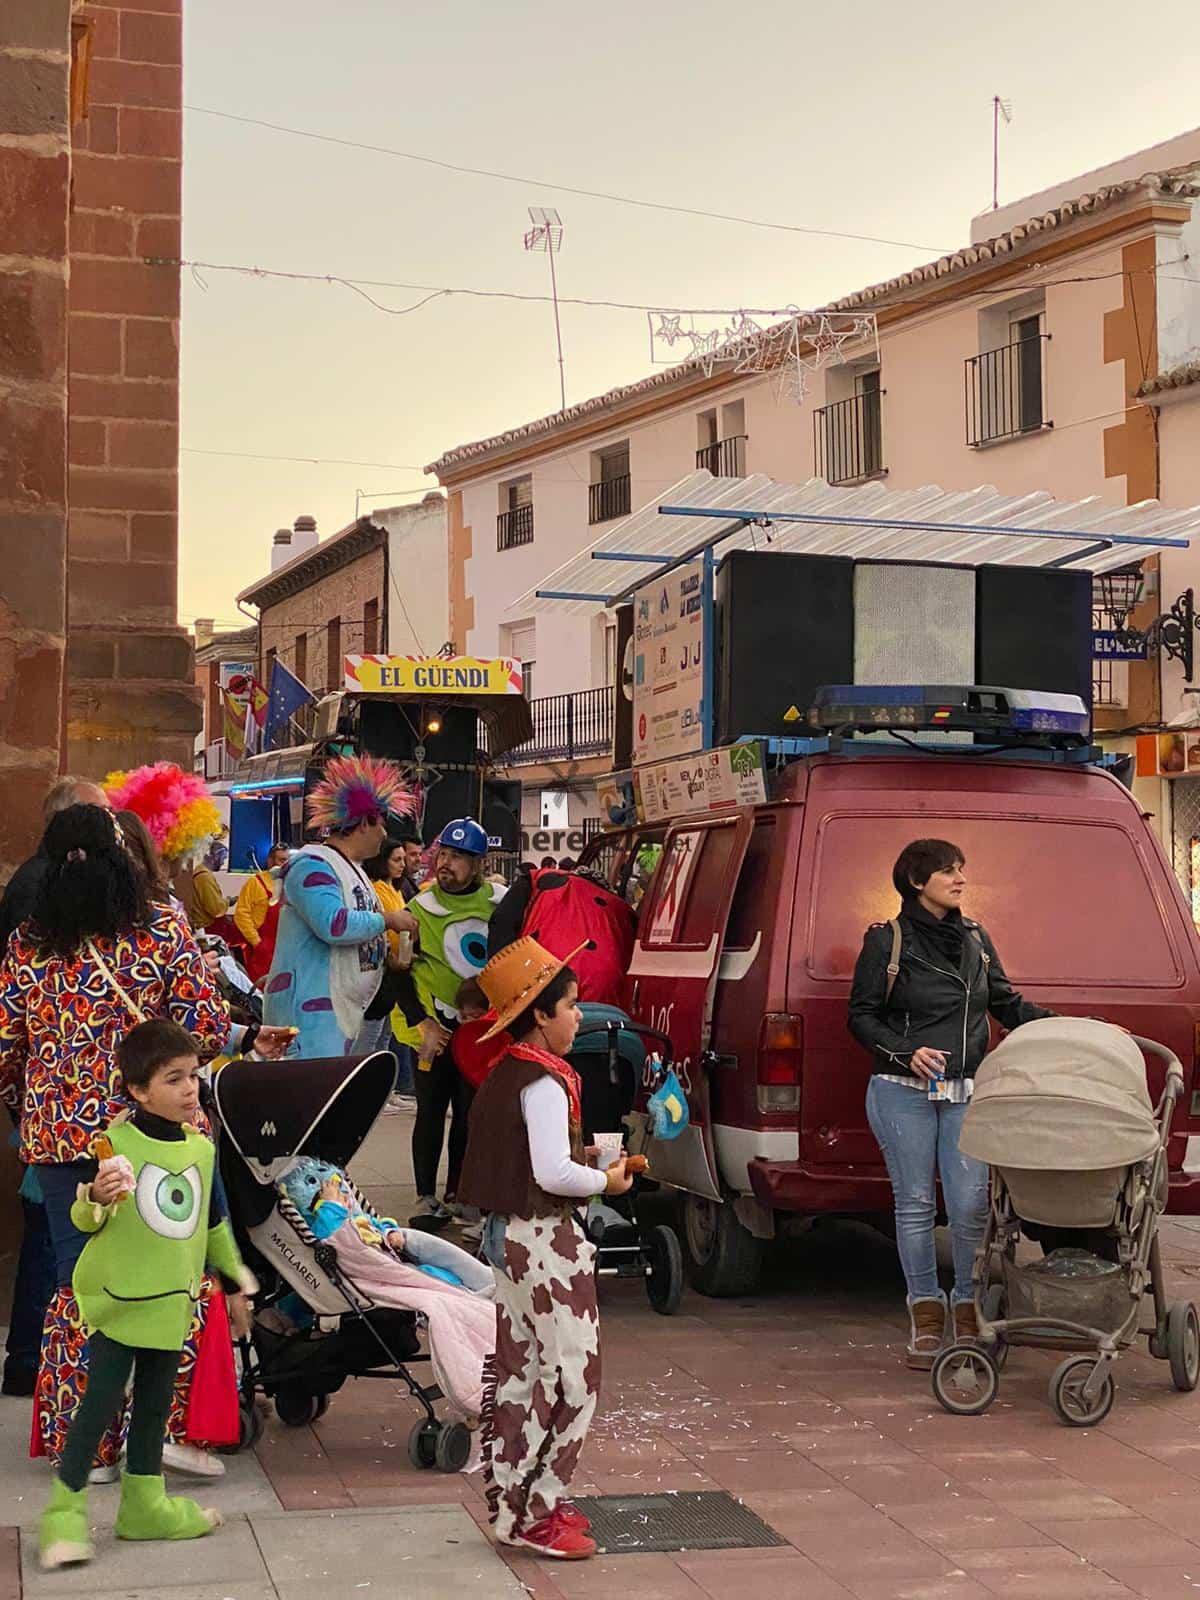 Carnaval herencia 2020 pasacalles domingo deseosas 51 - El Domingo de las Deseosas invita a todo el mundo al Carnaval de Herencia